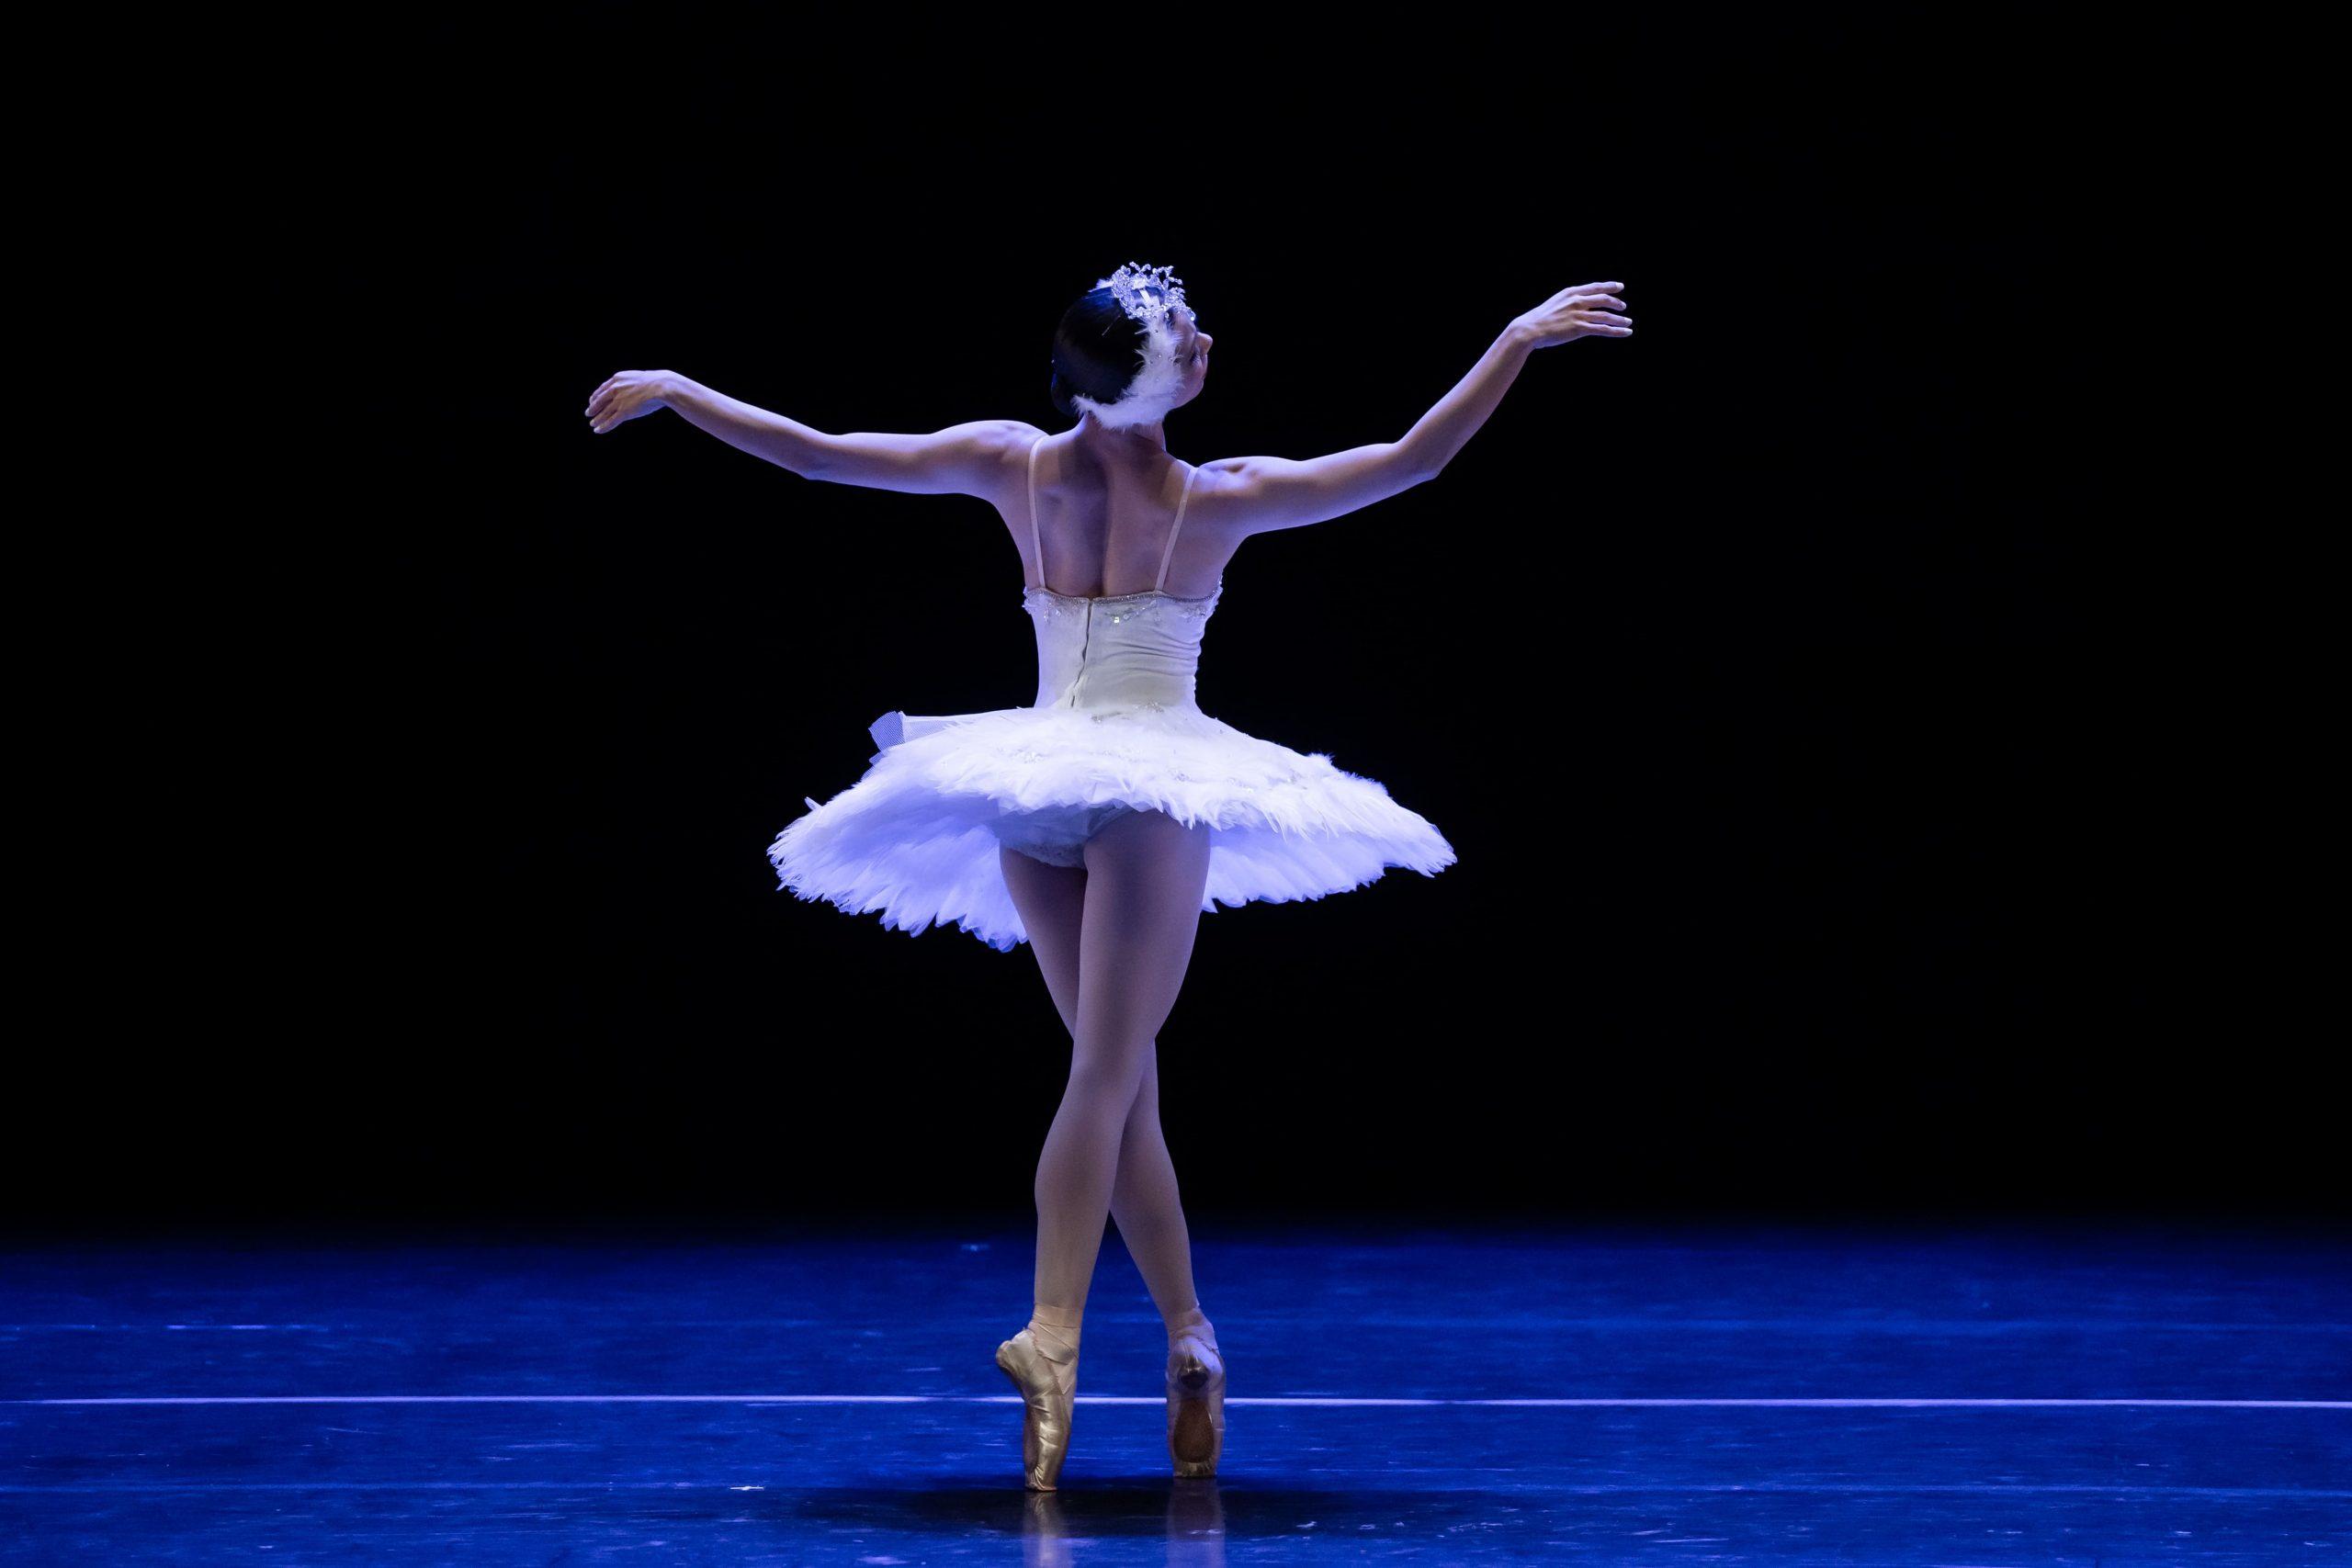 Uma bailarina está de costas e faz um movimento de ballet.